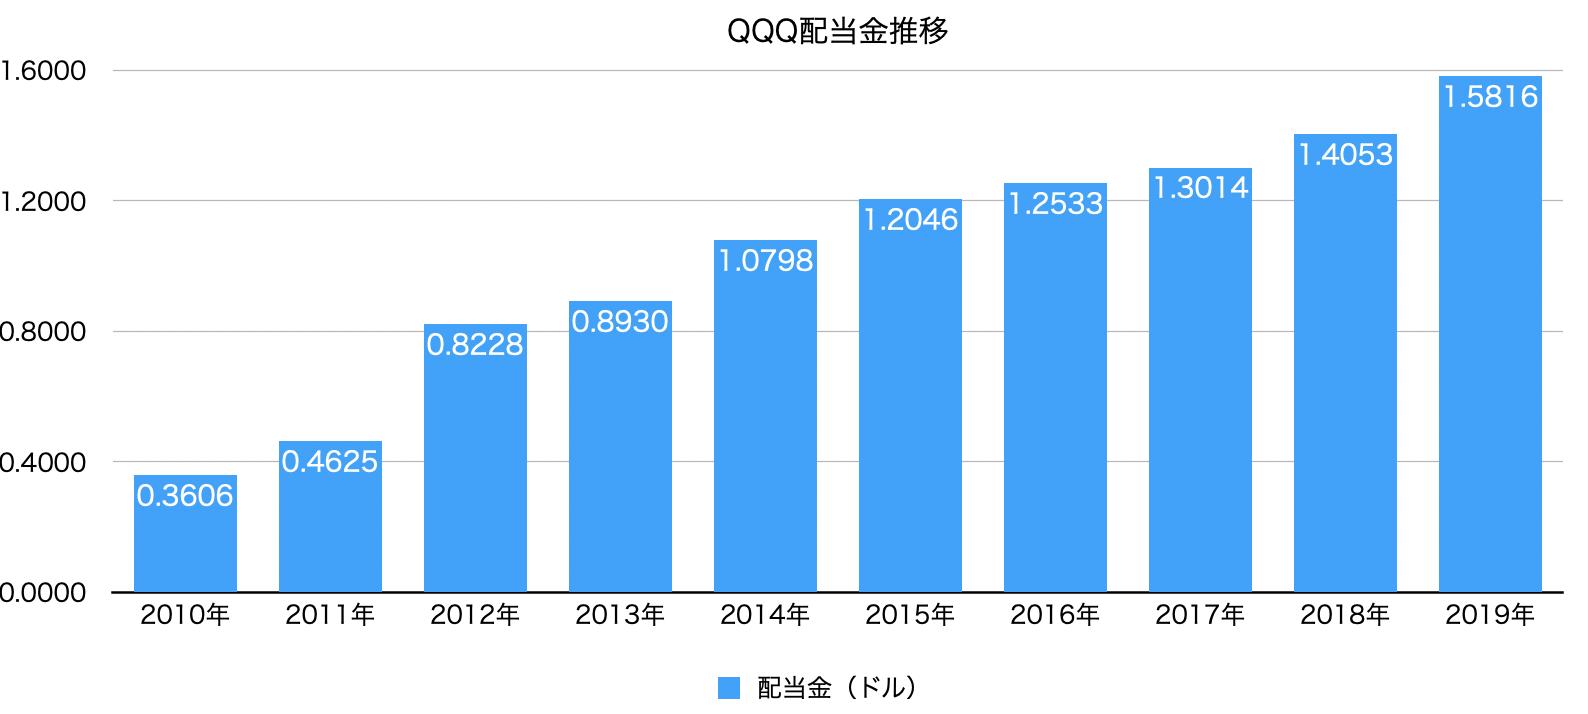 QQQ配当金推移グラフ